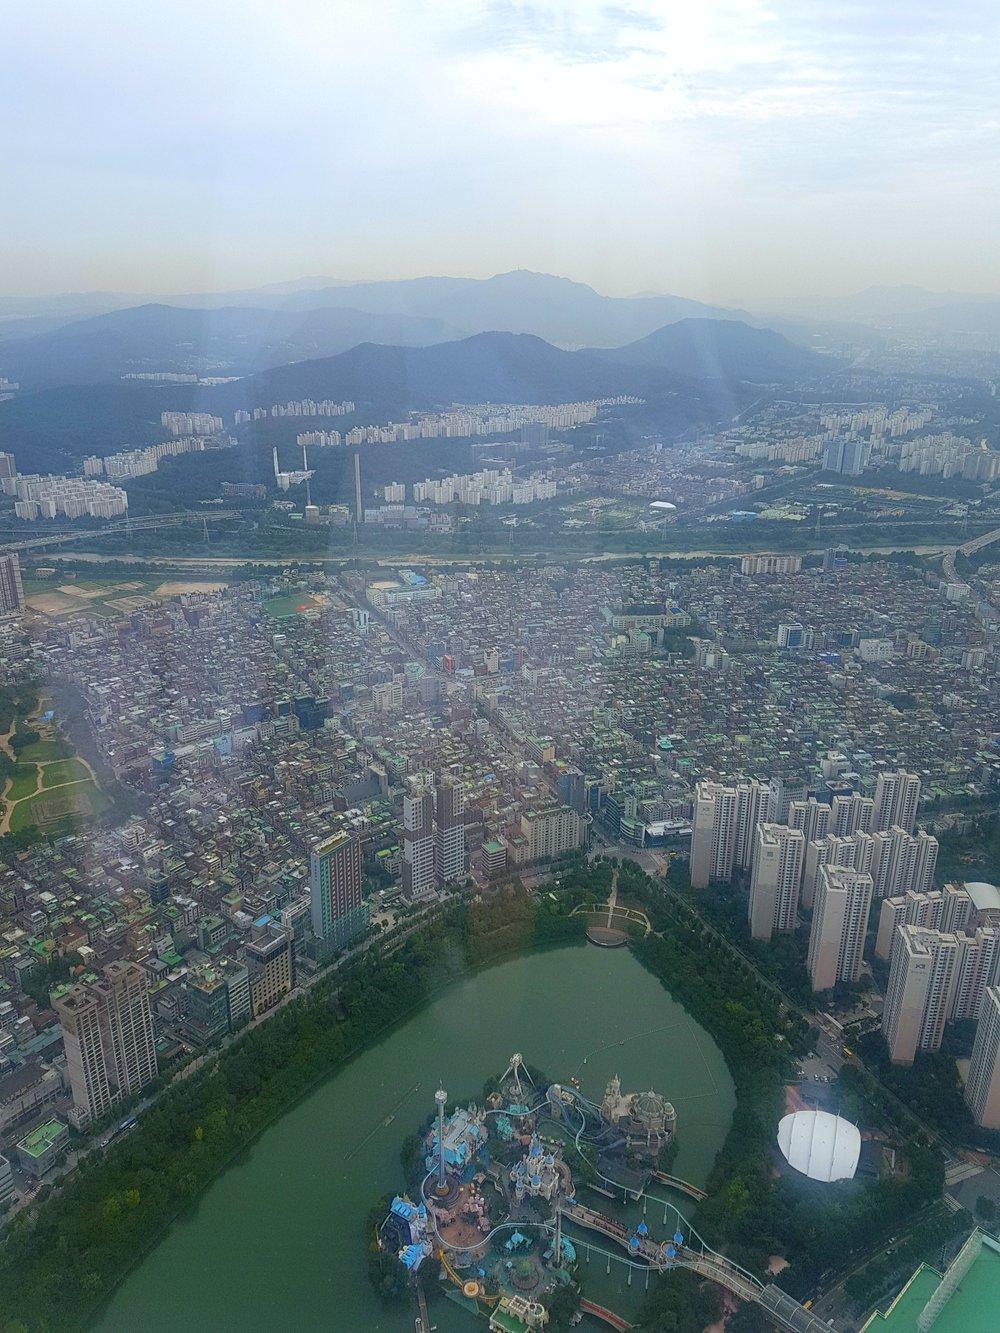 Seoul city and Lotte World amusement park.